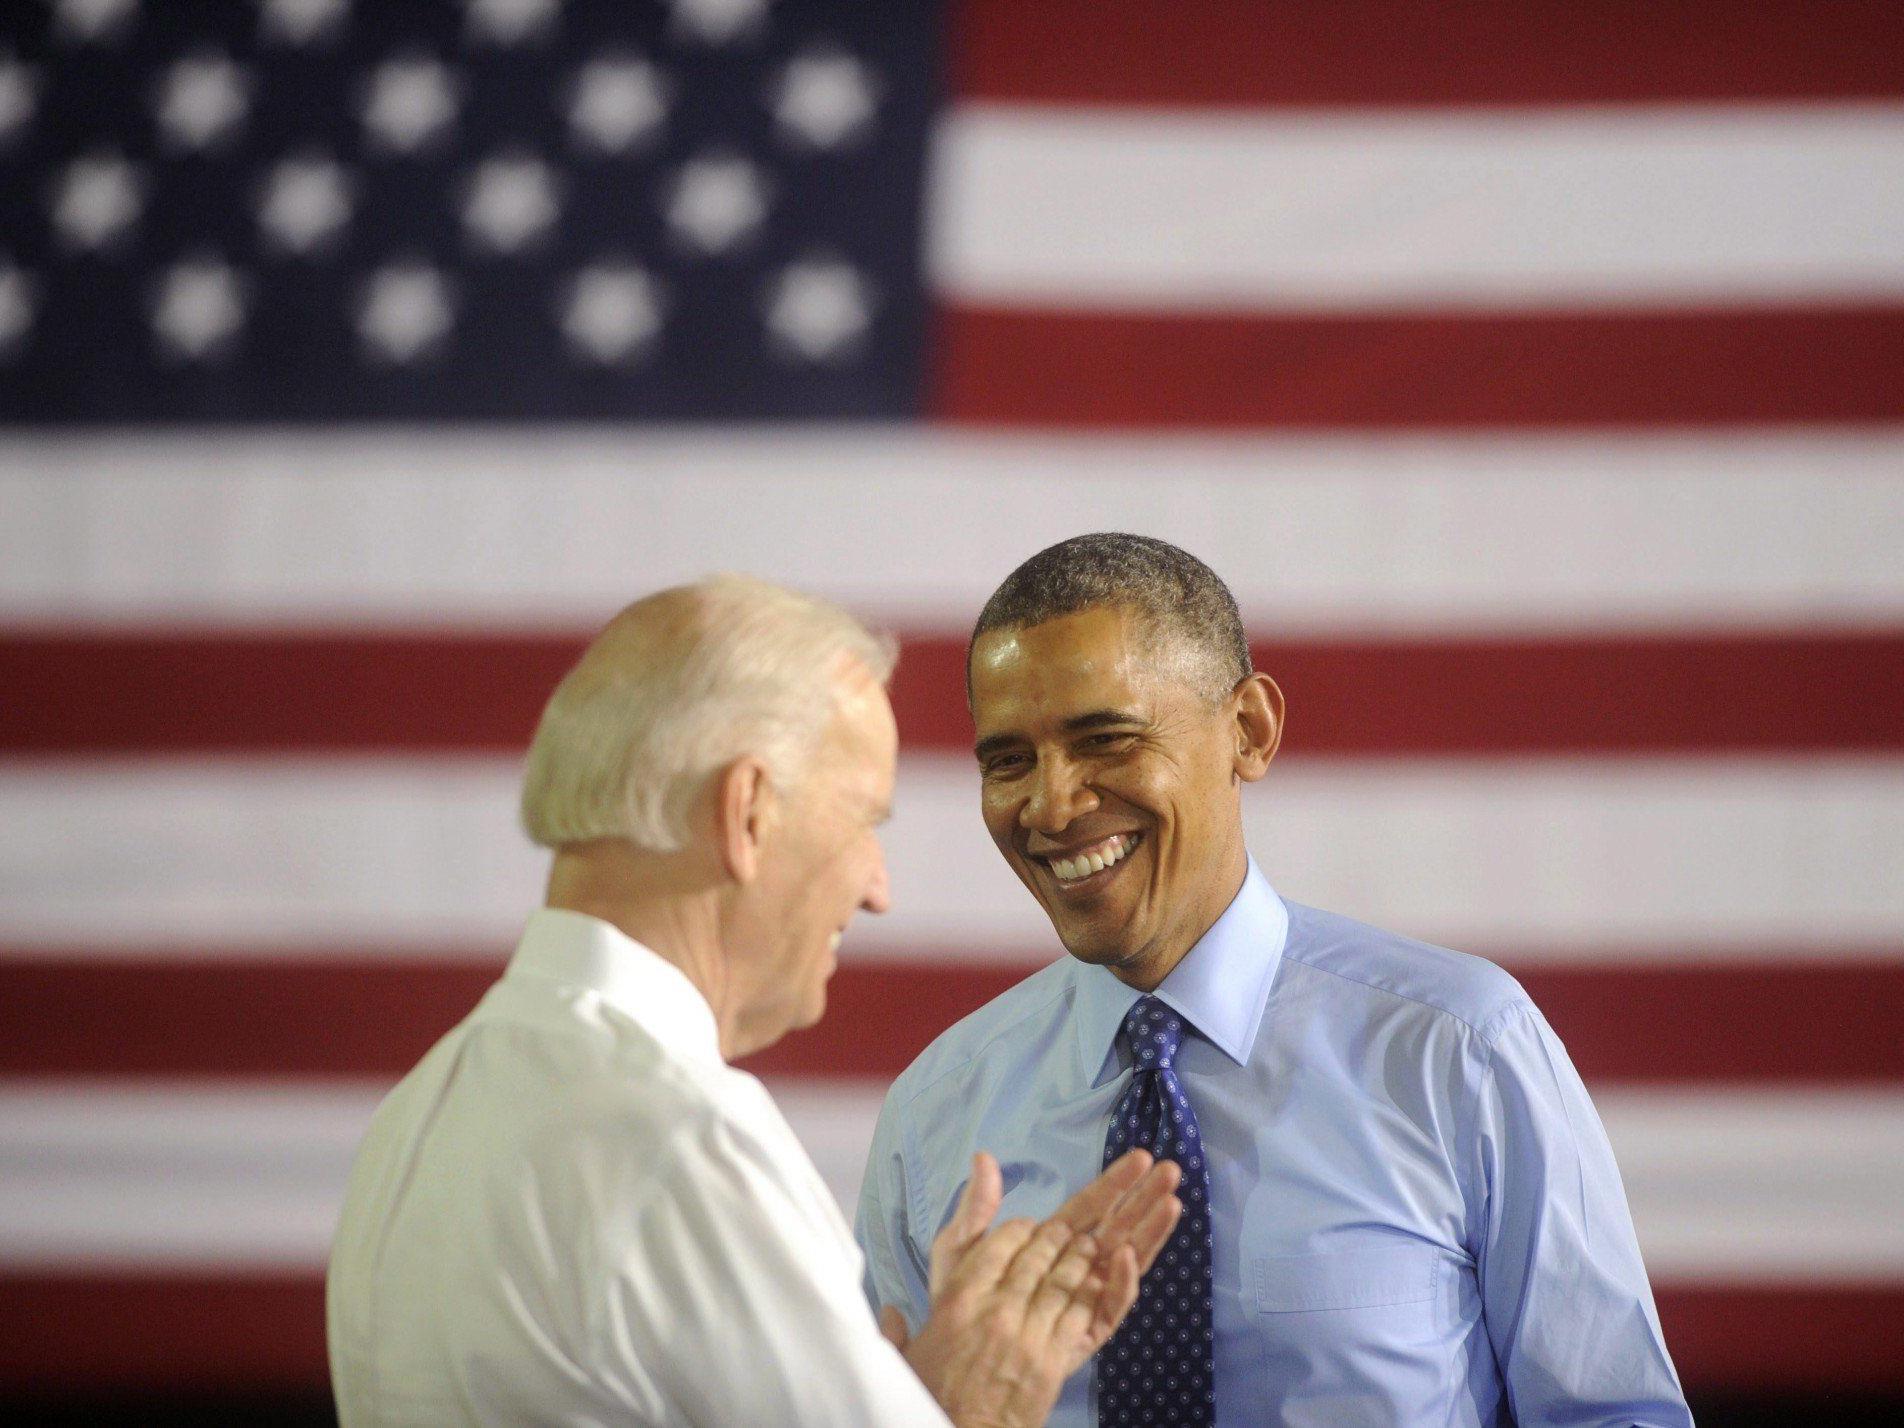 Barack Obama und Joe Biden veröffentlichen Selfie auf Instagram